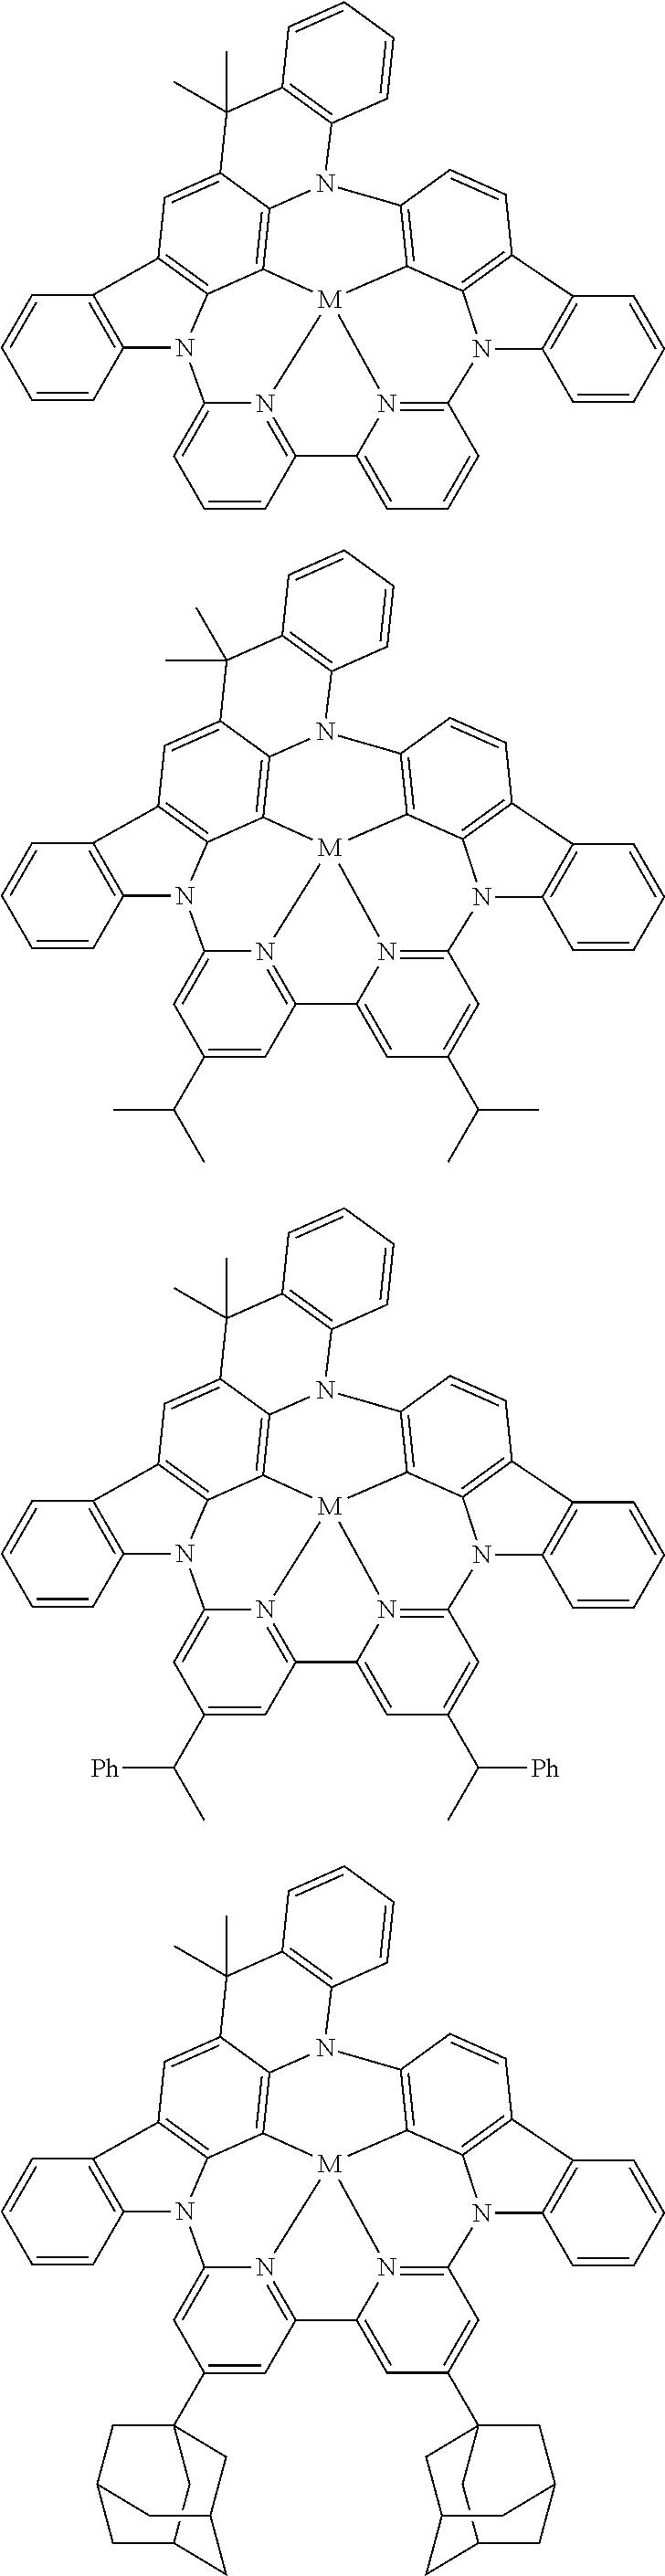 Figure US10158091-20181218-C00226